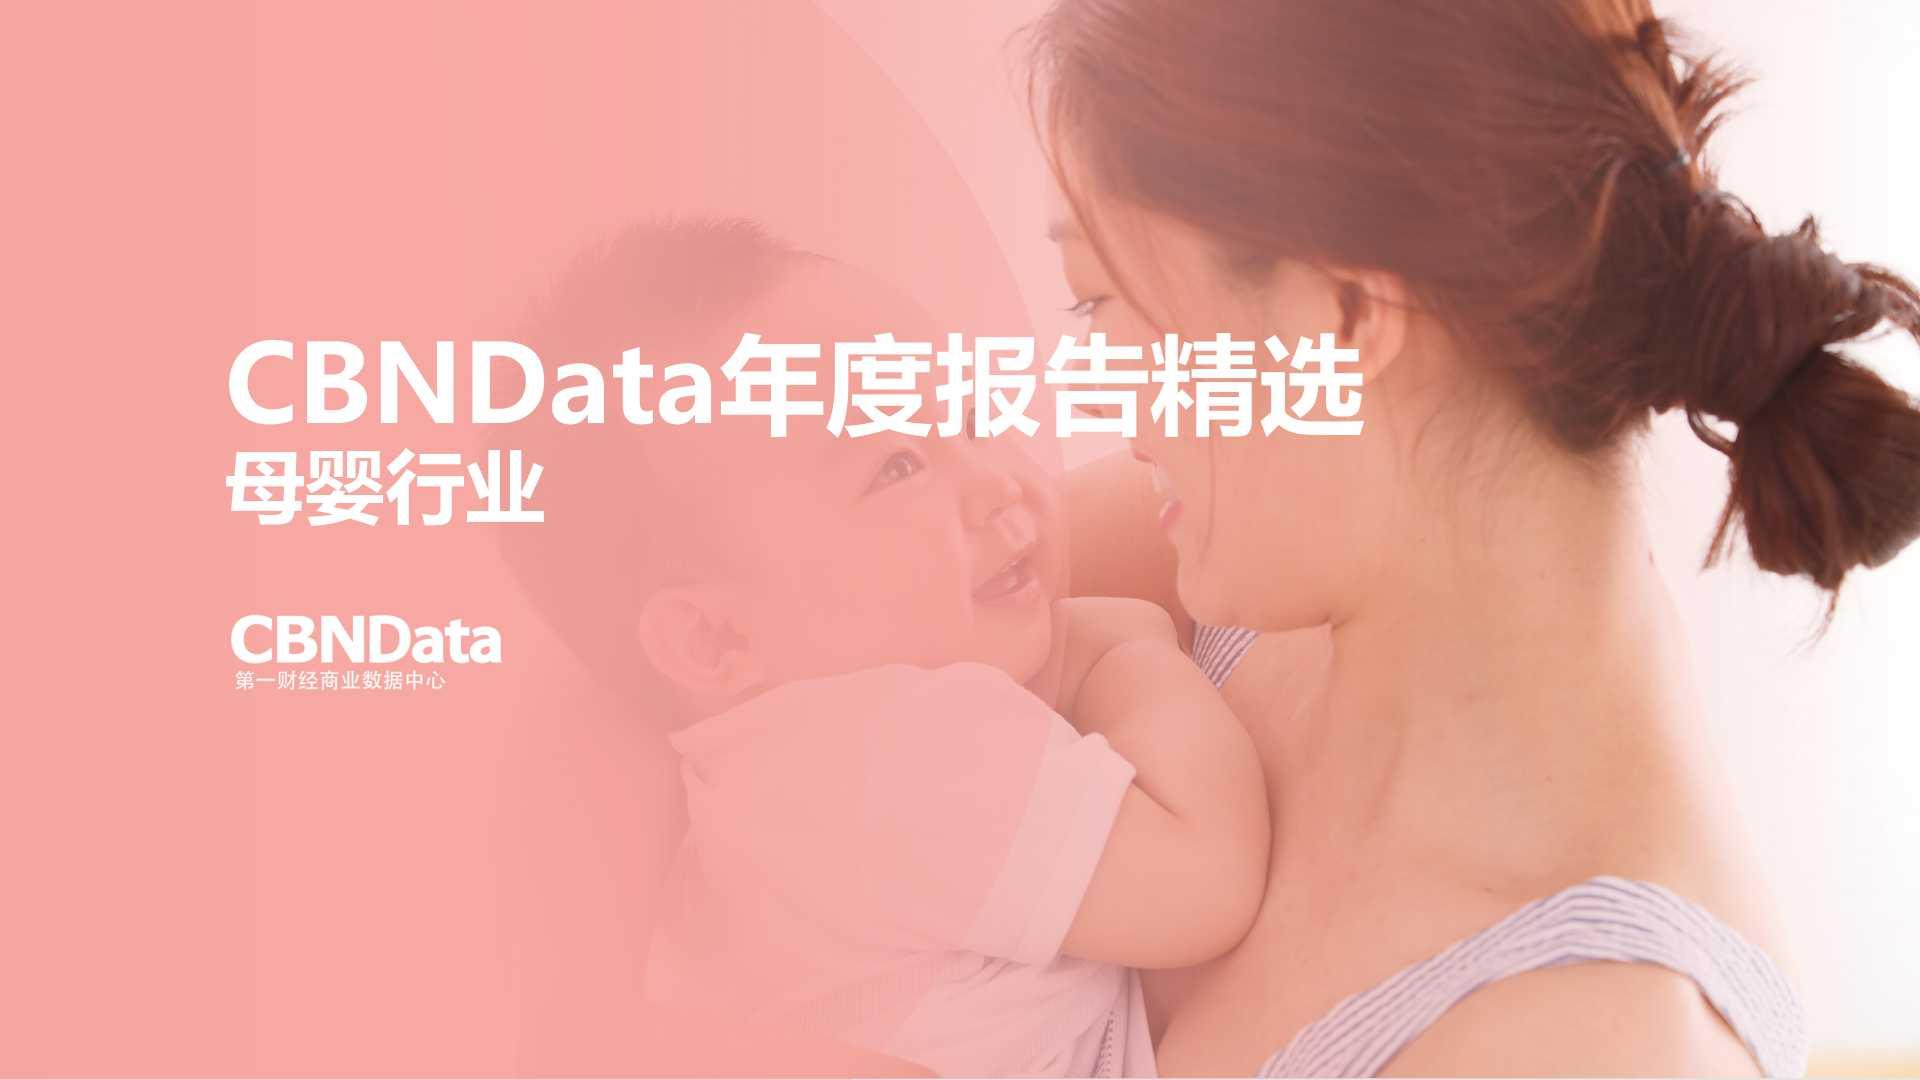 母婴行业年度报告精选